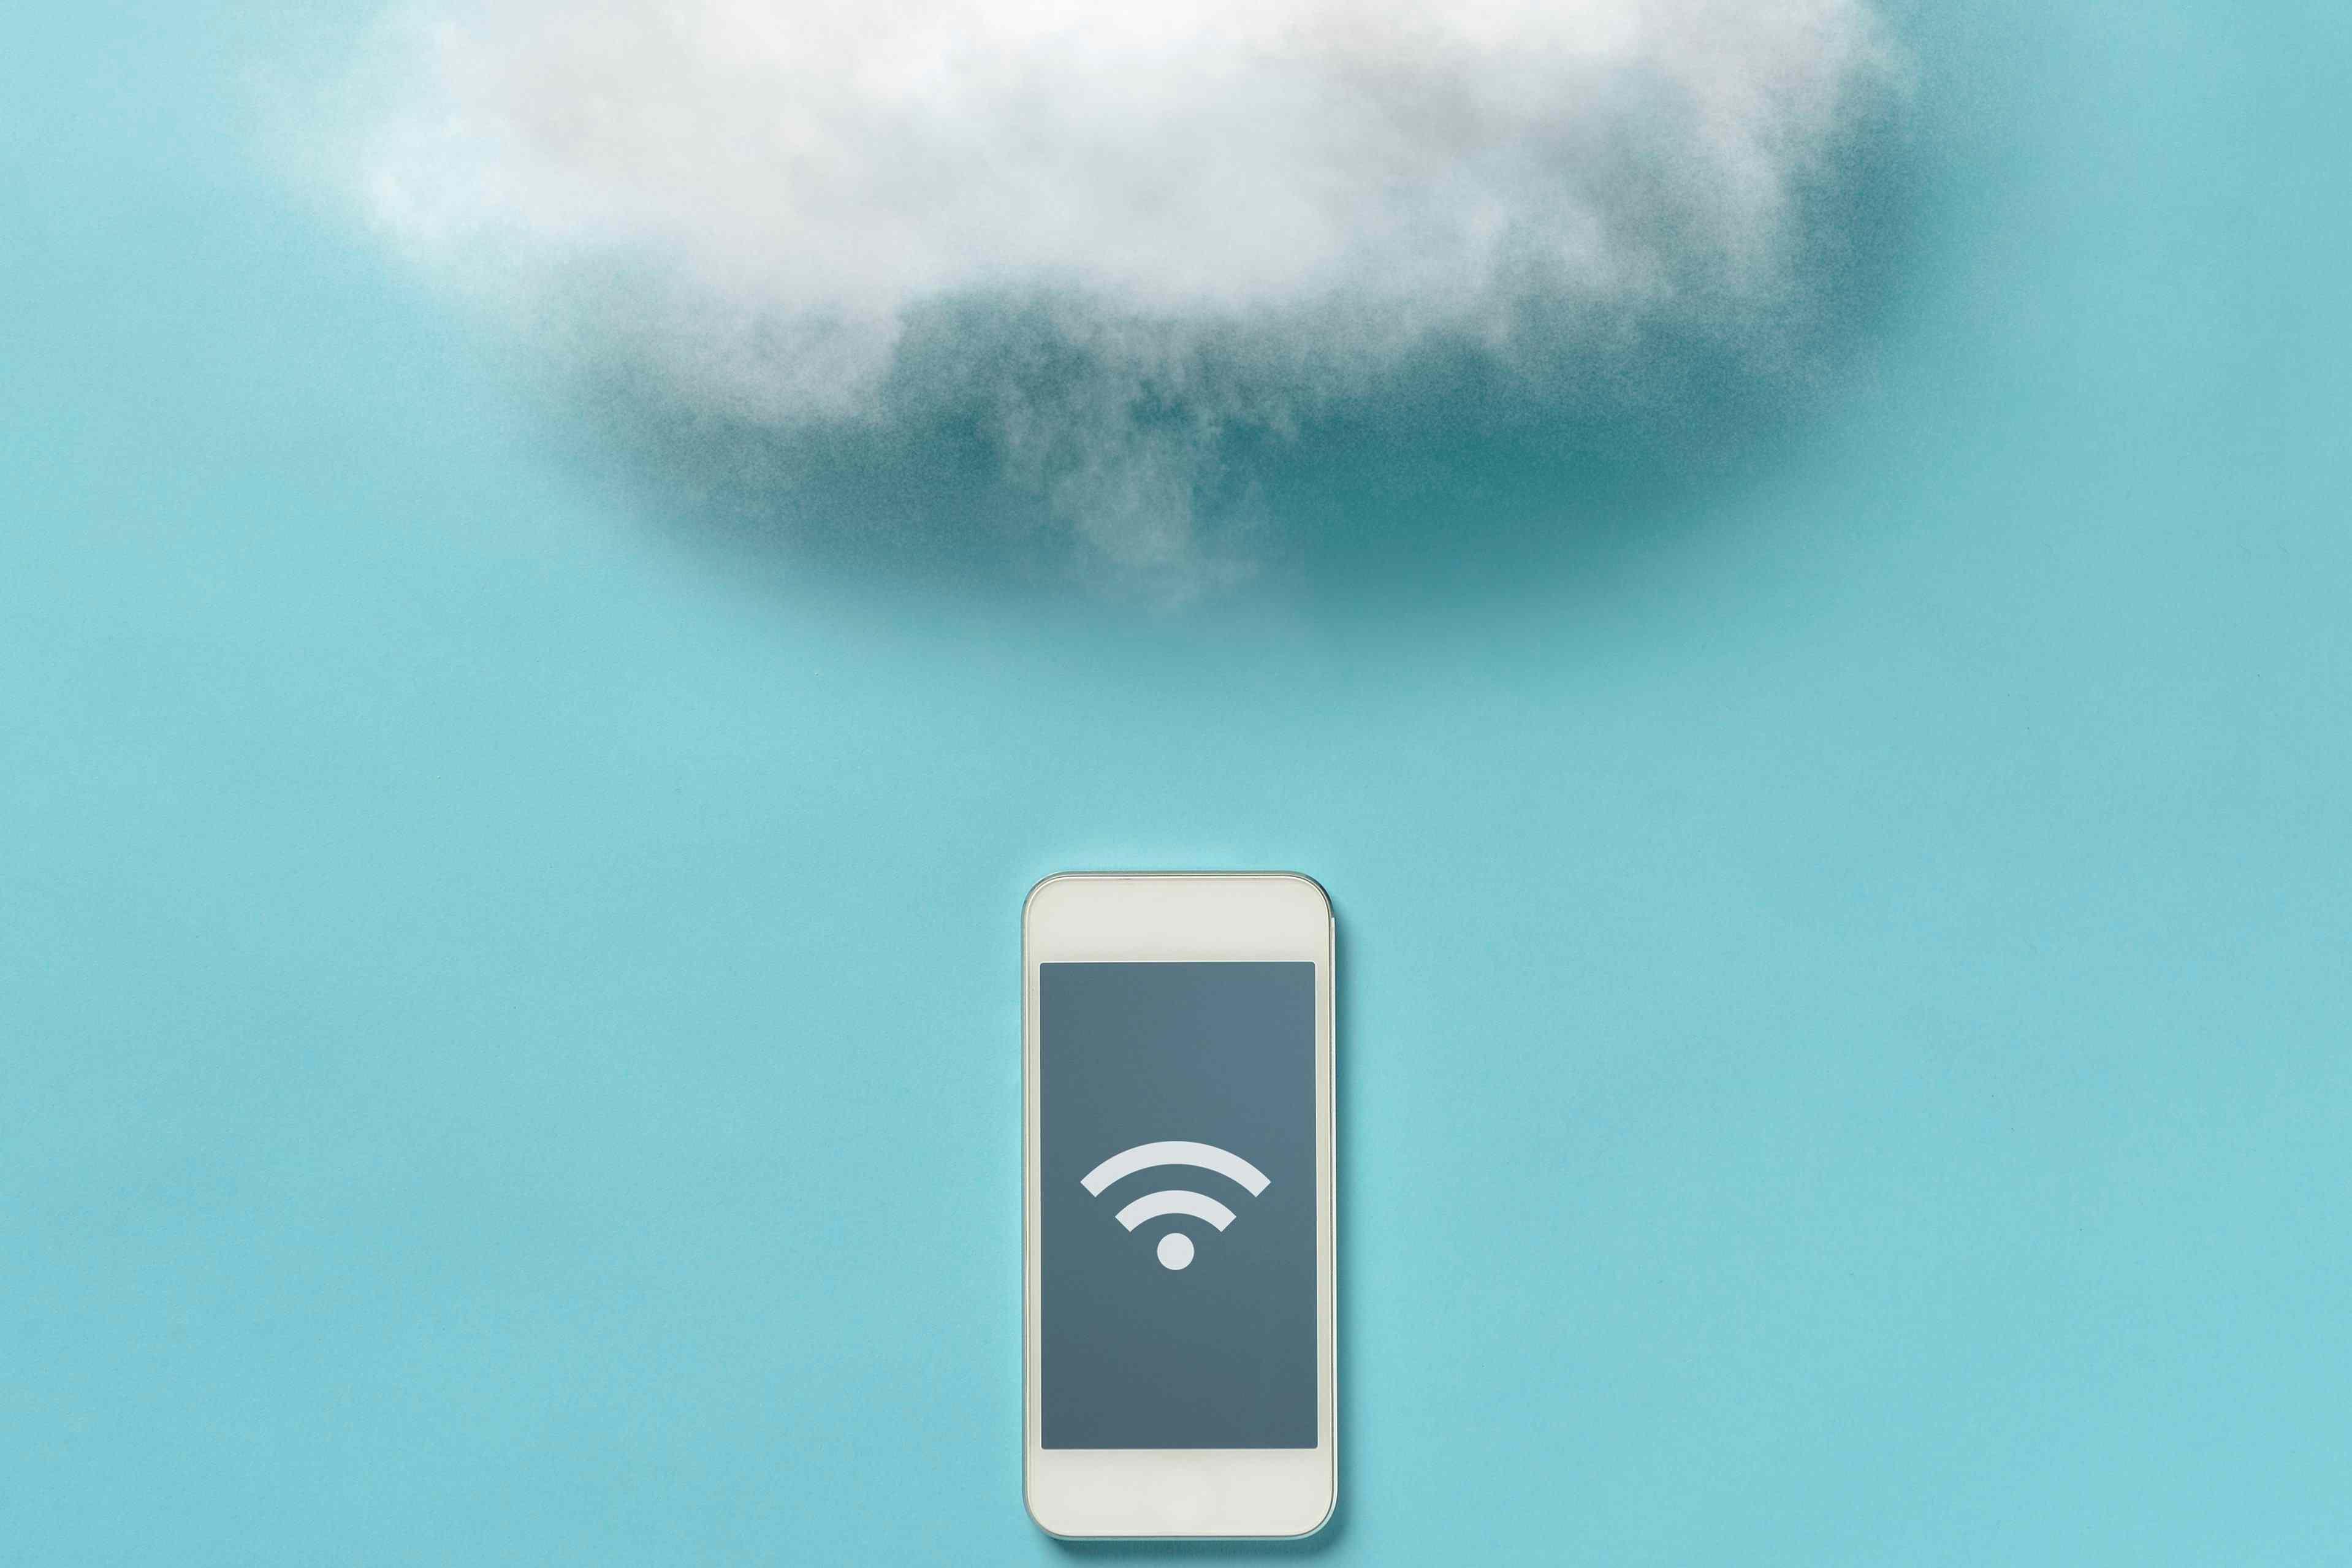 Cloud over smartphone